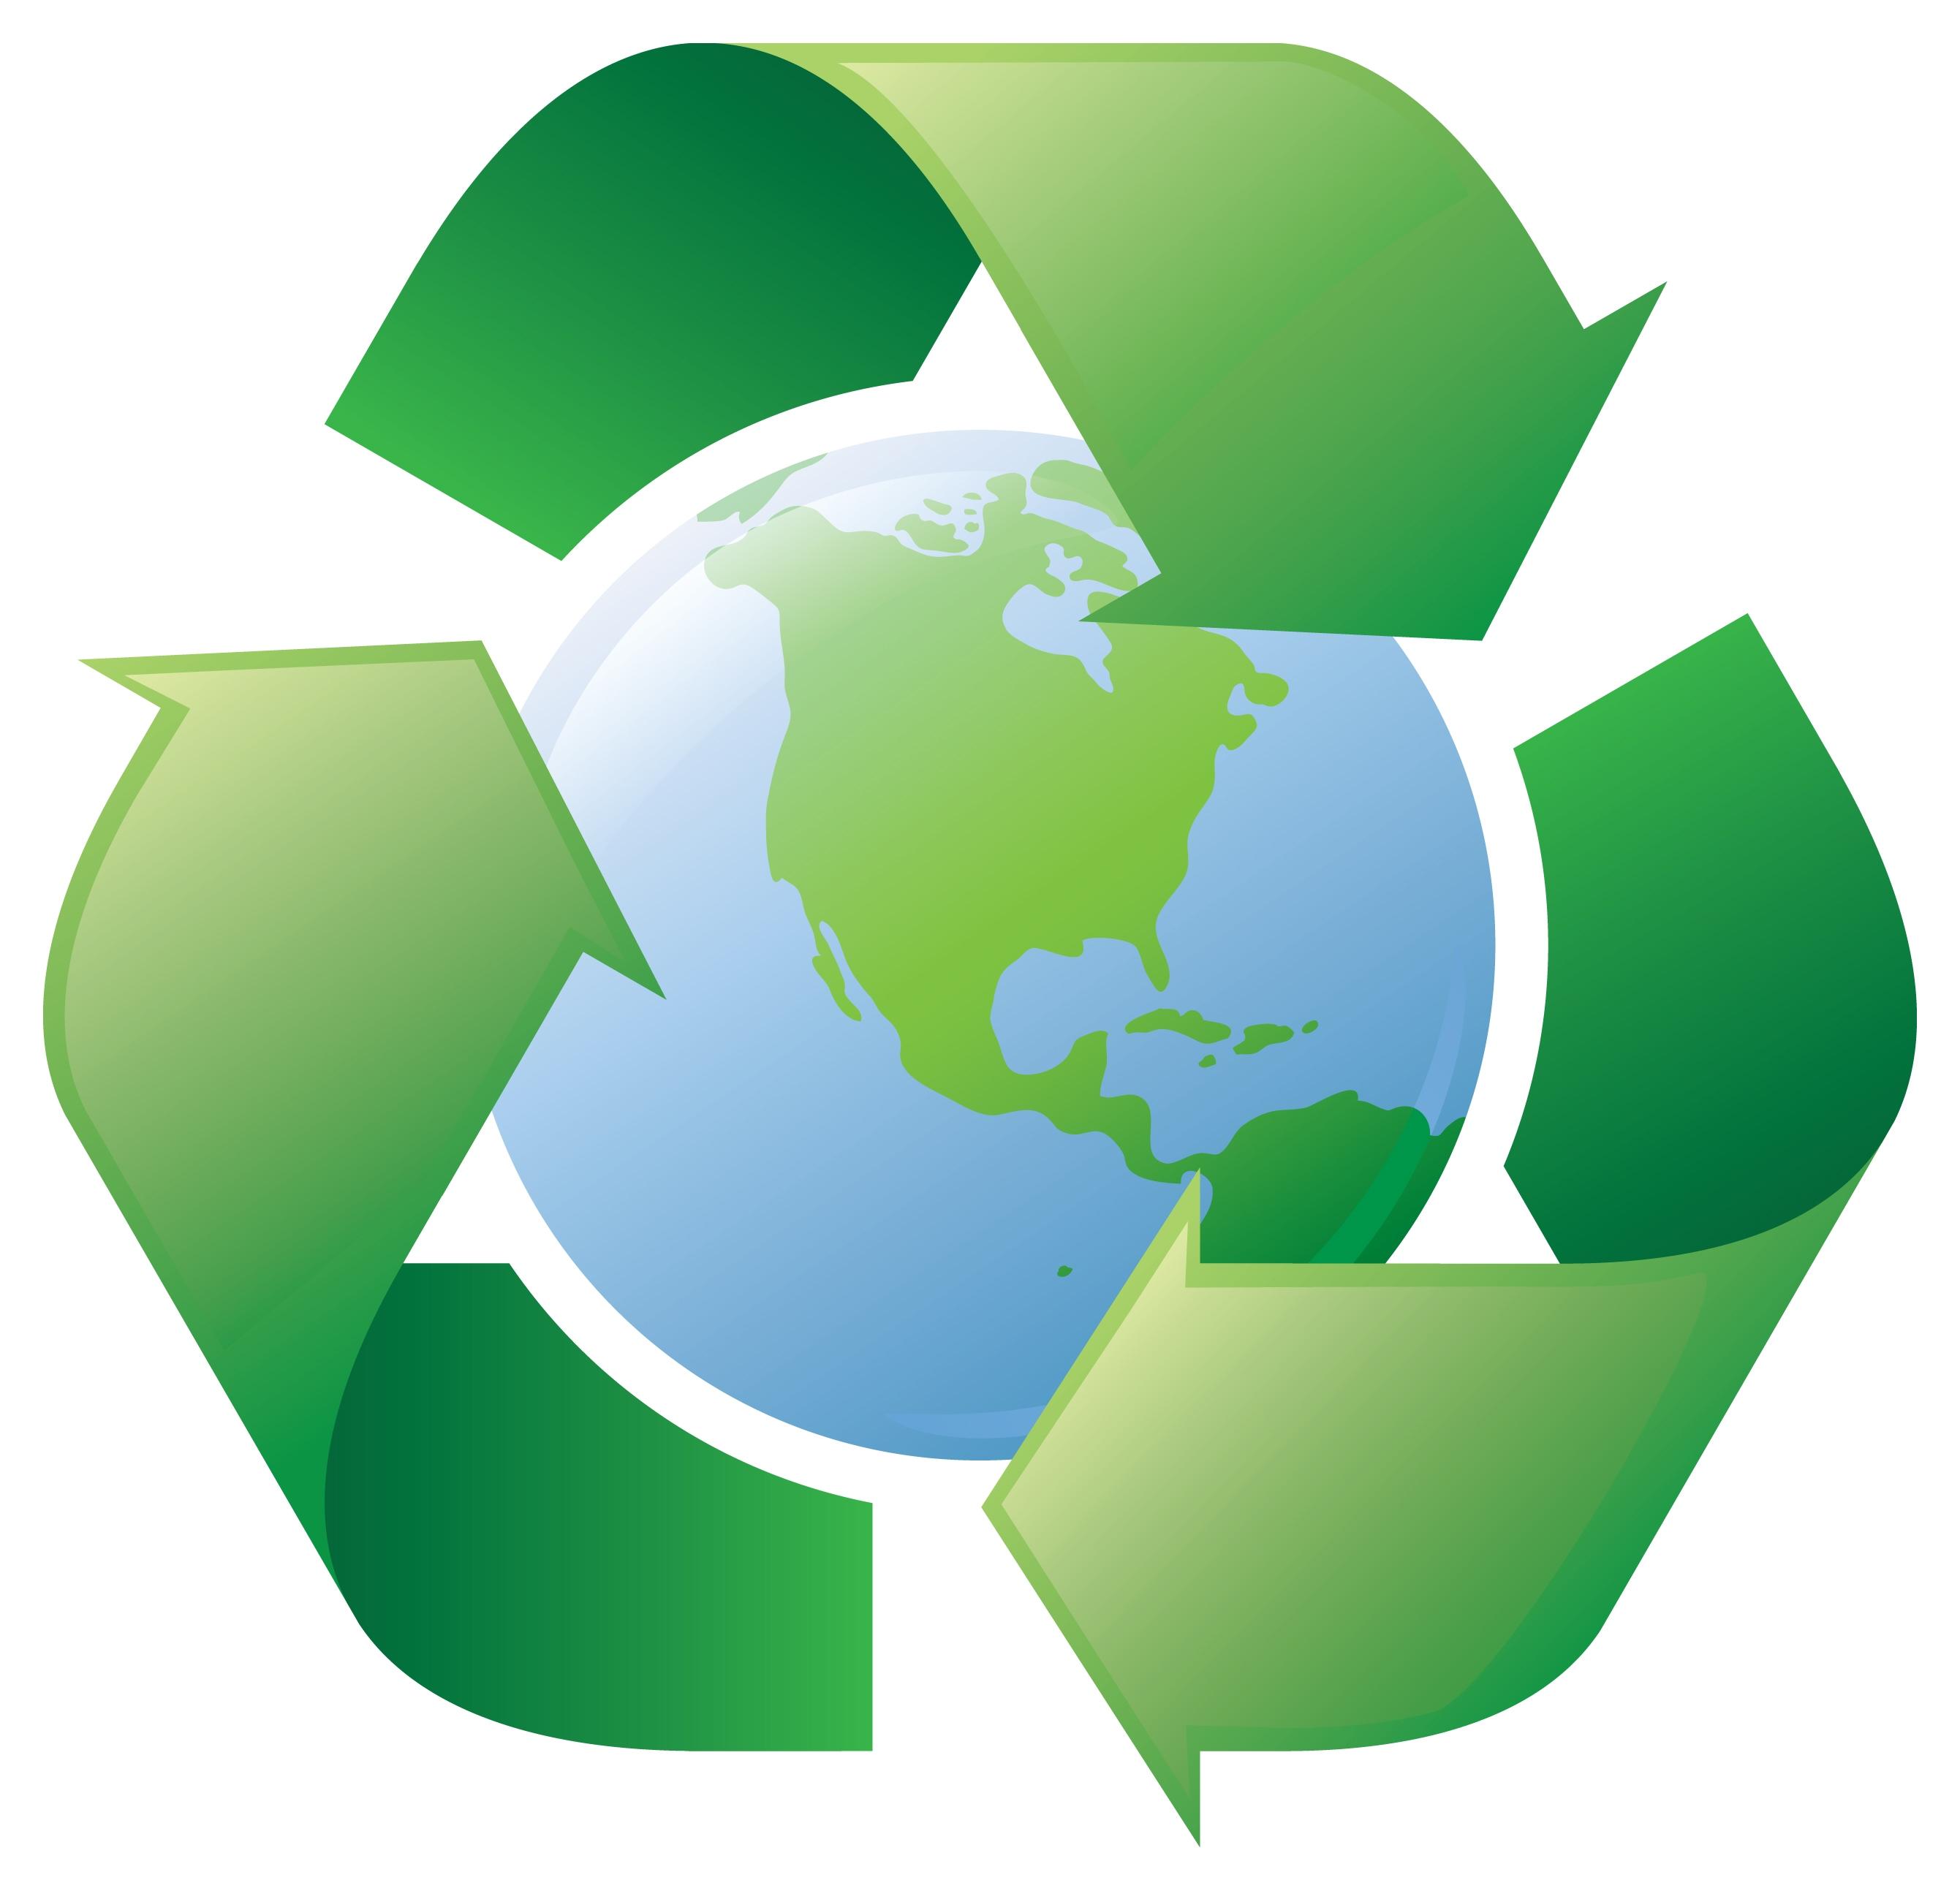 Recycling Symbol Clip Art Cliparts Co-Recycling Symbol Clip Art Cliparts Co-16